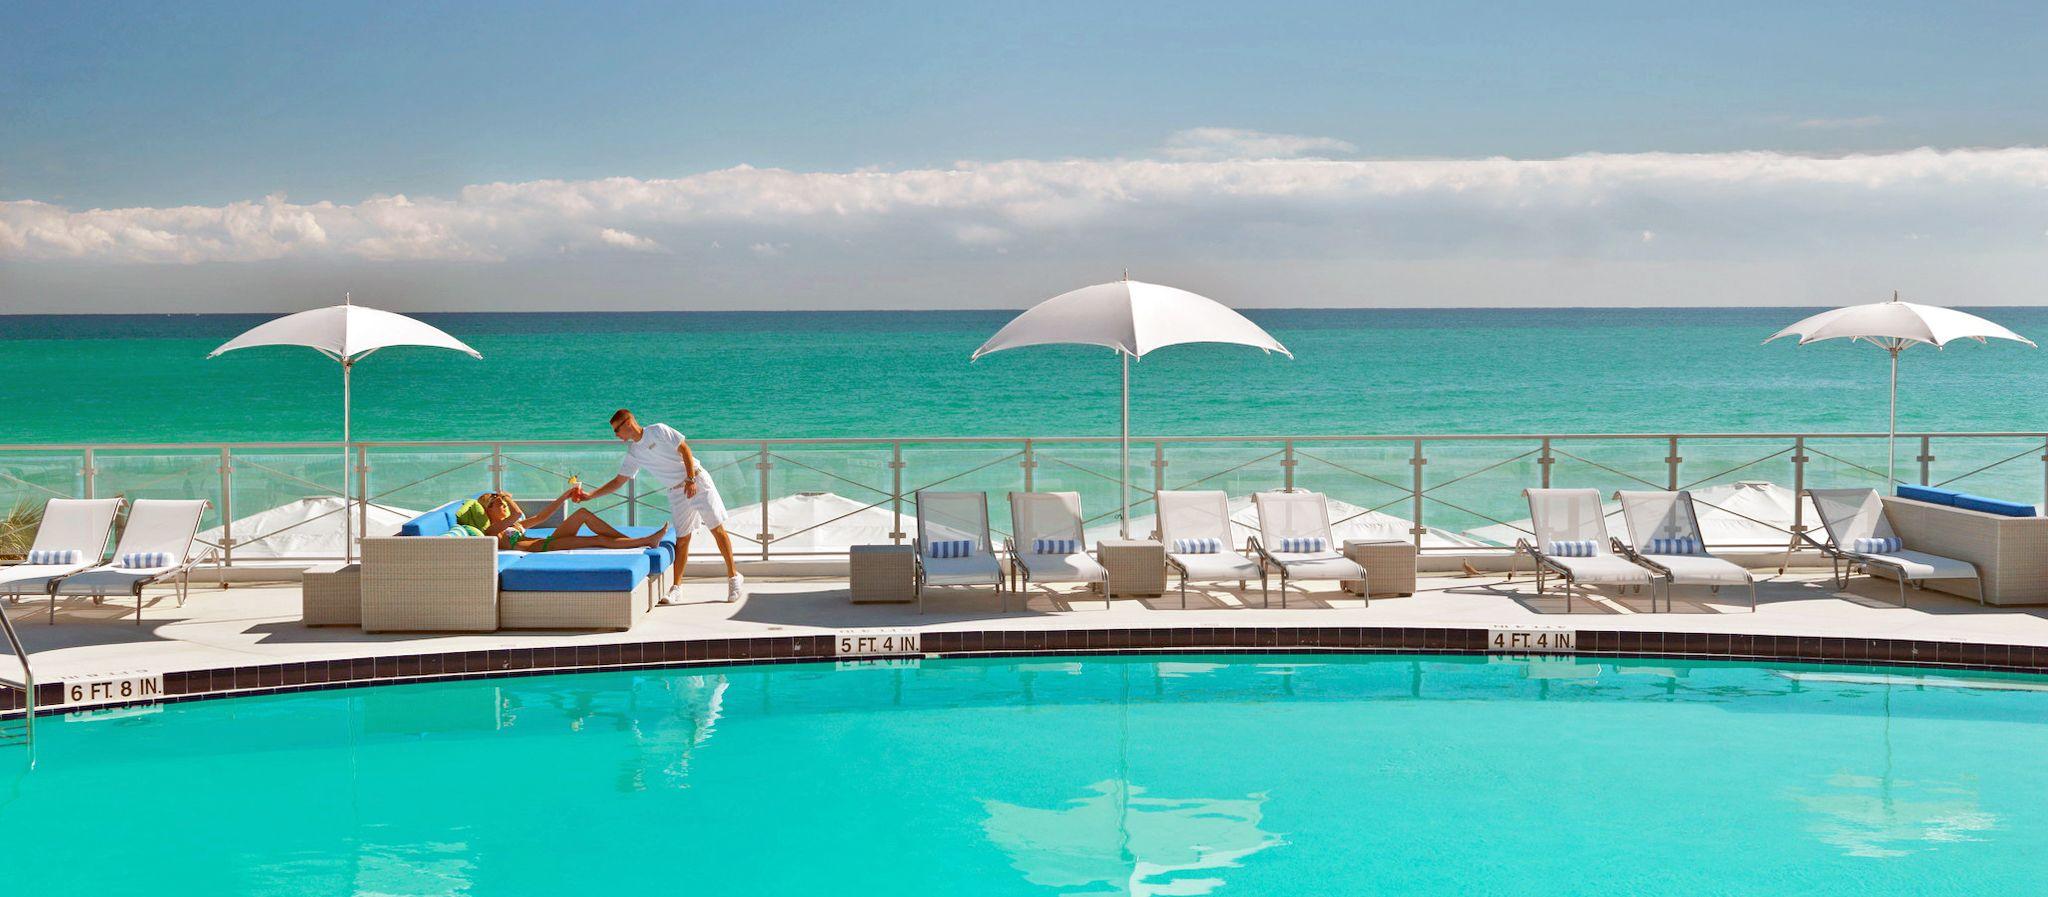 Karte Von Florida Westkuste.Hotels Apartments Und Ferienhauser In Florida Canusa